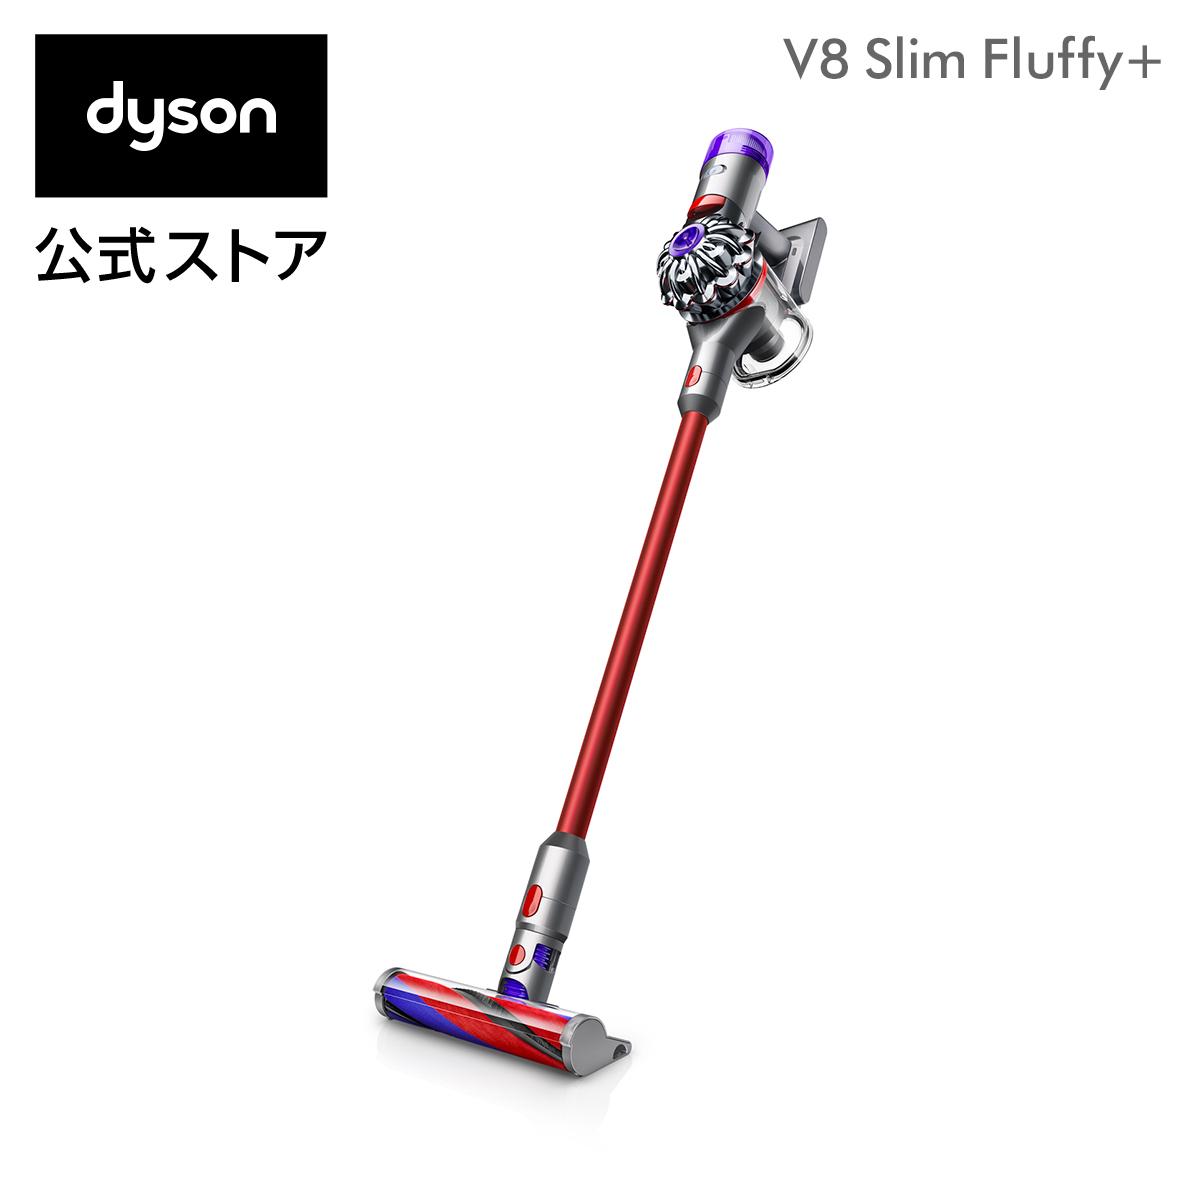 【8/21新発売】ダイソン Dyson V8 Slim Fluffy+ サイクロン式 コードレス掃除機 dyson SV10K SLM COM 軽量モデル